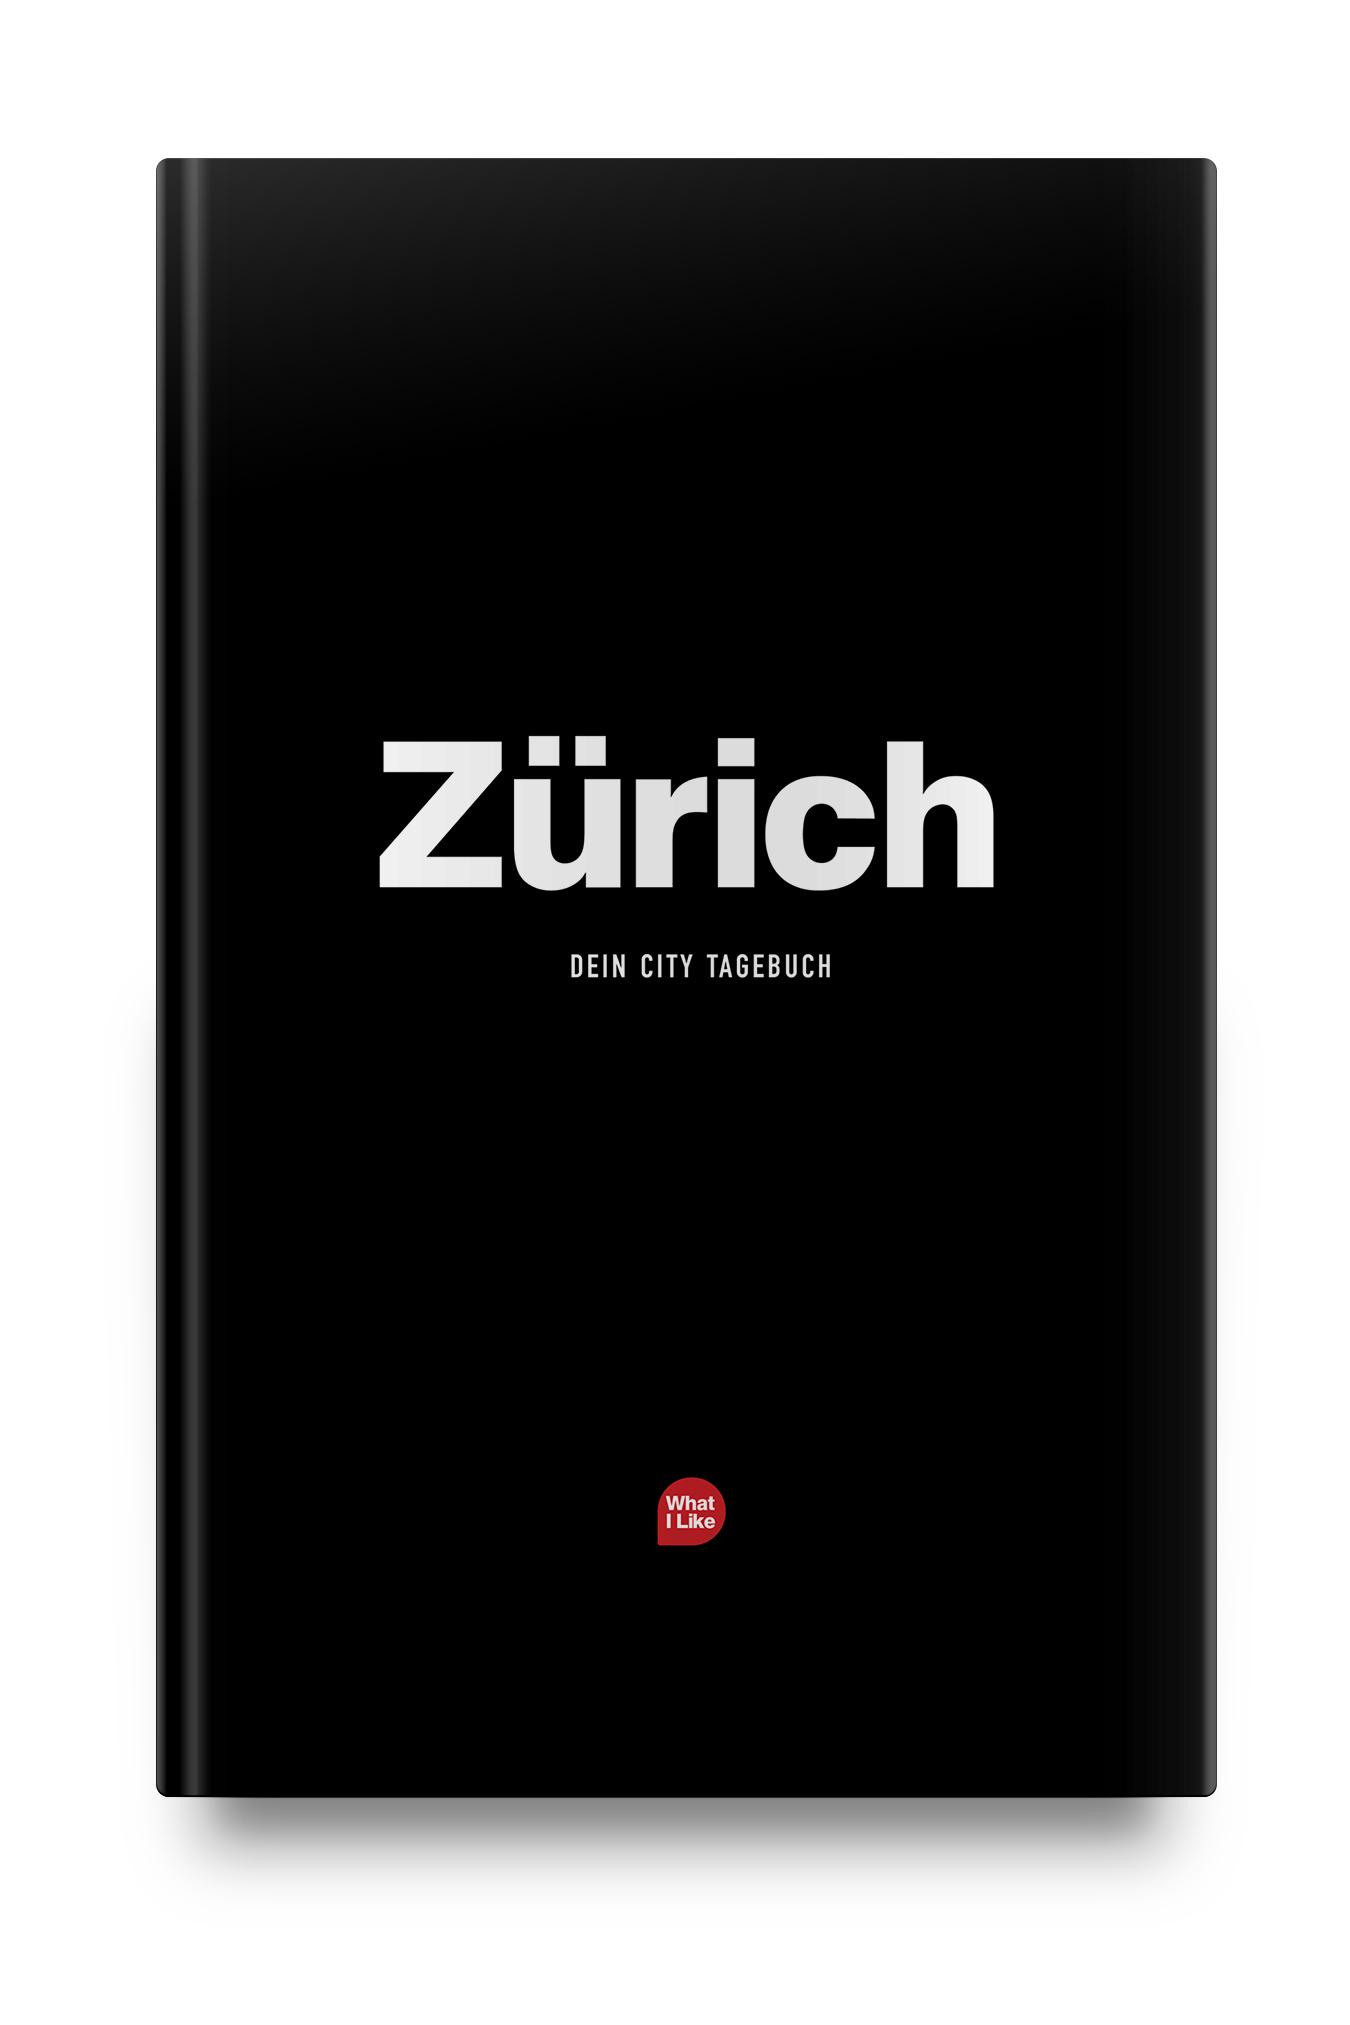 Das  City Tagebuch   Dein ganz persönlicher Reiseführer, mit all deinen Lieblingsorten in Zürich.